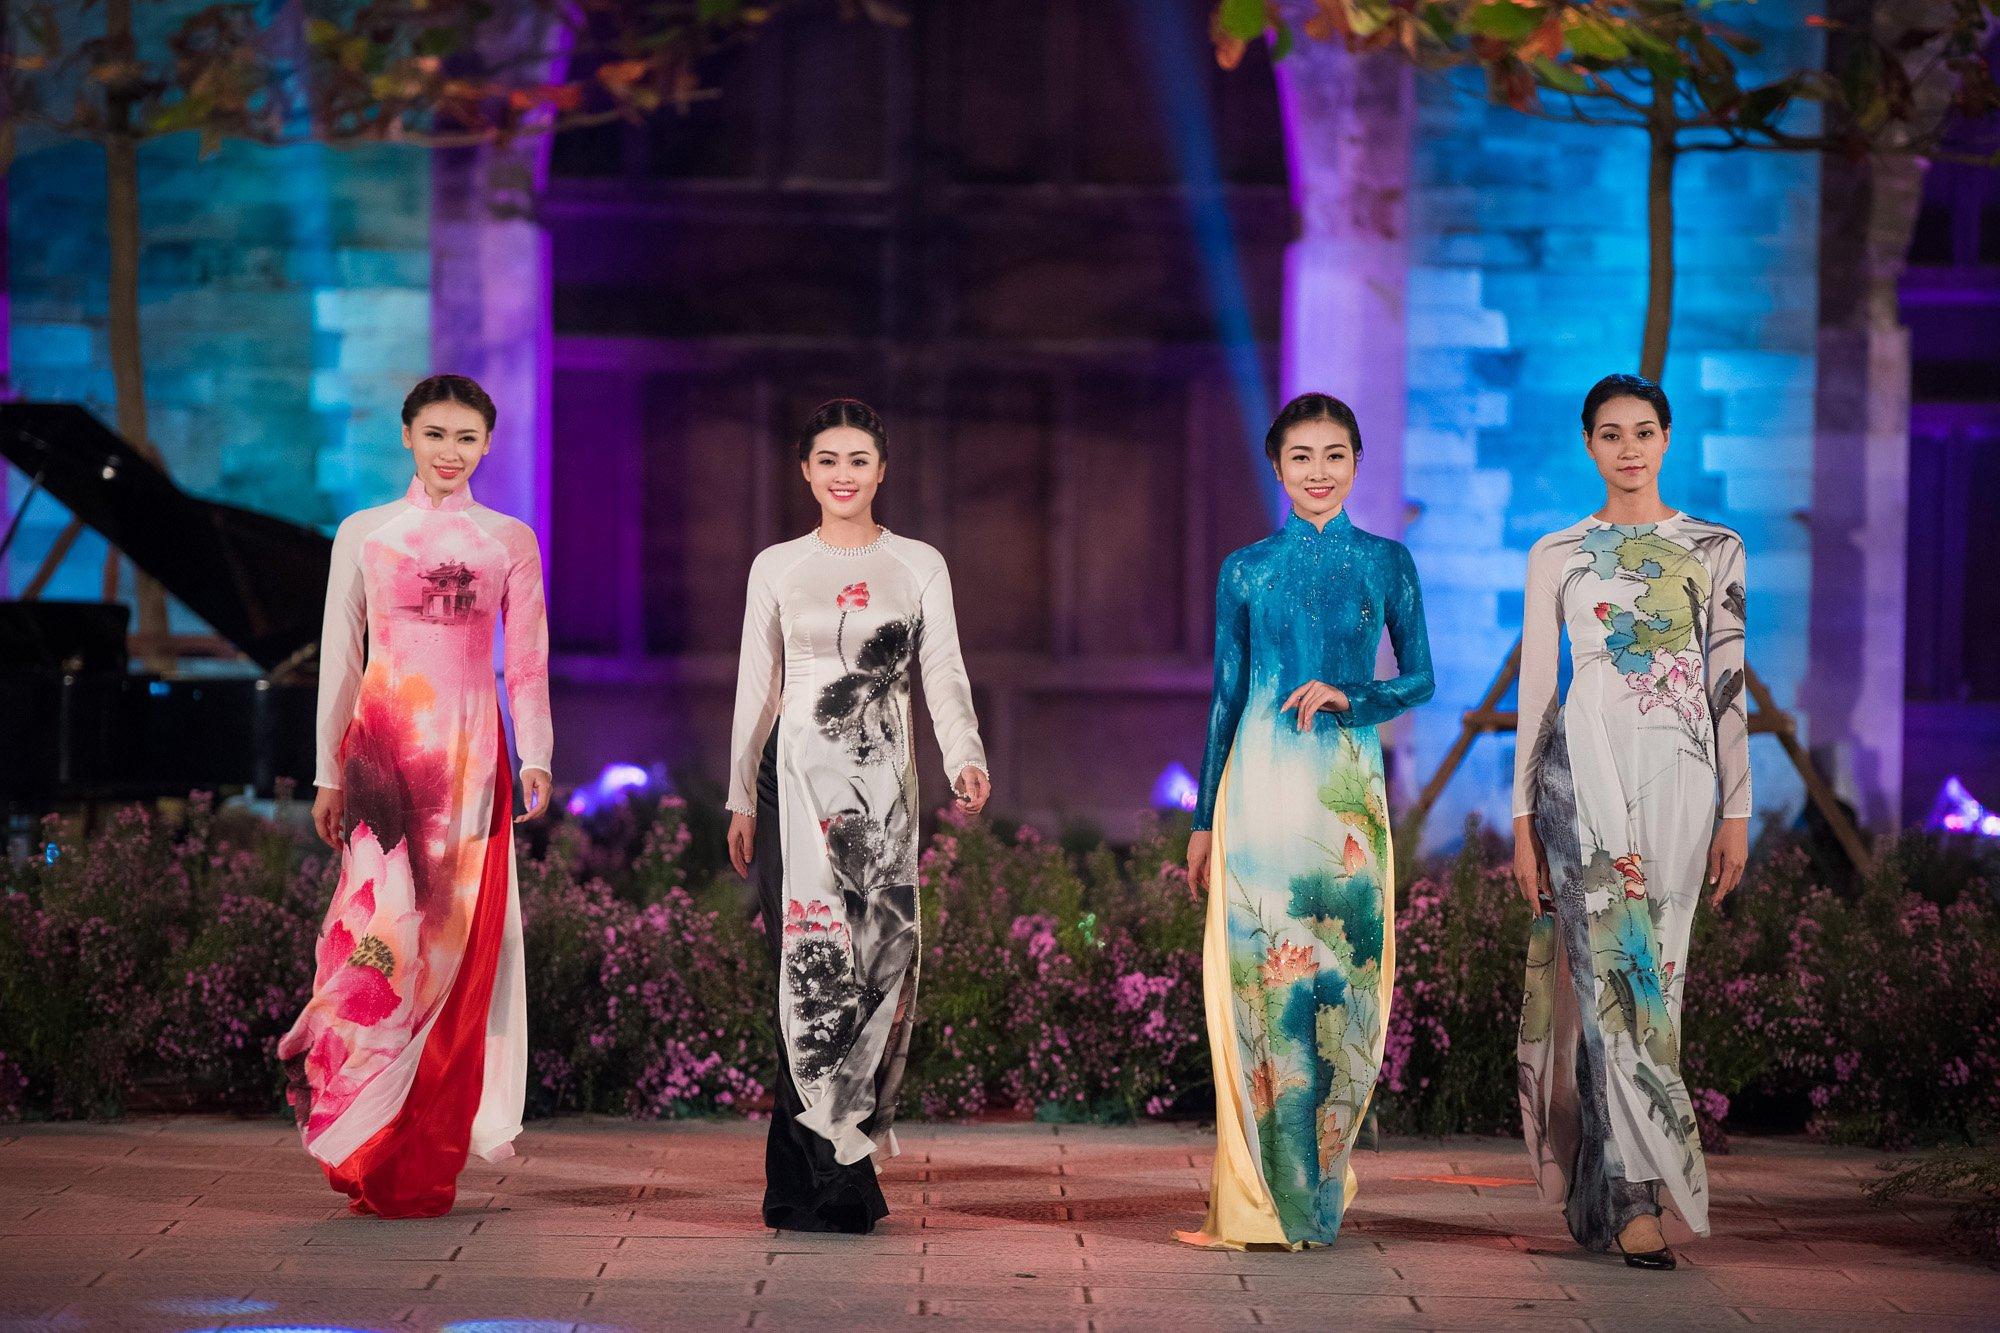 Giải trí - Hàng trăm mẫu áo dài được trình diễn trong Festival Áo dài Hà Nội 2016